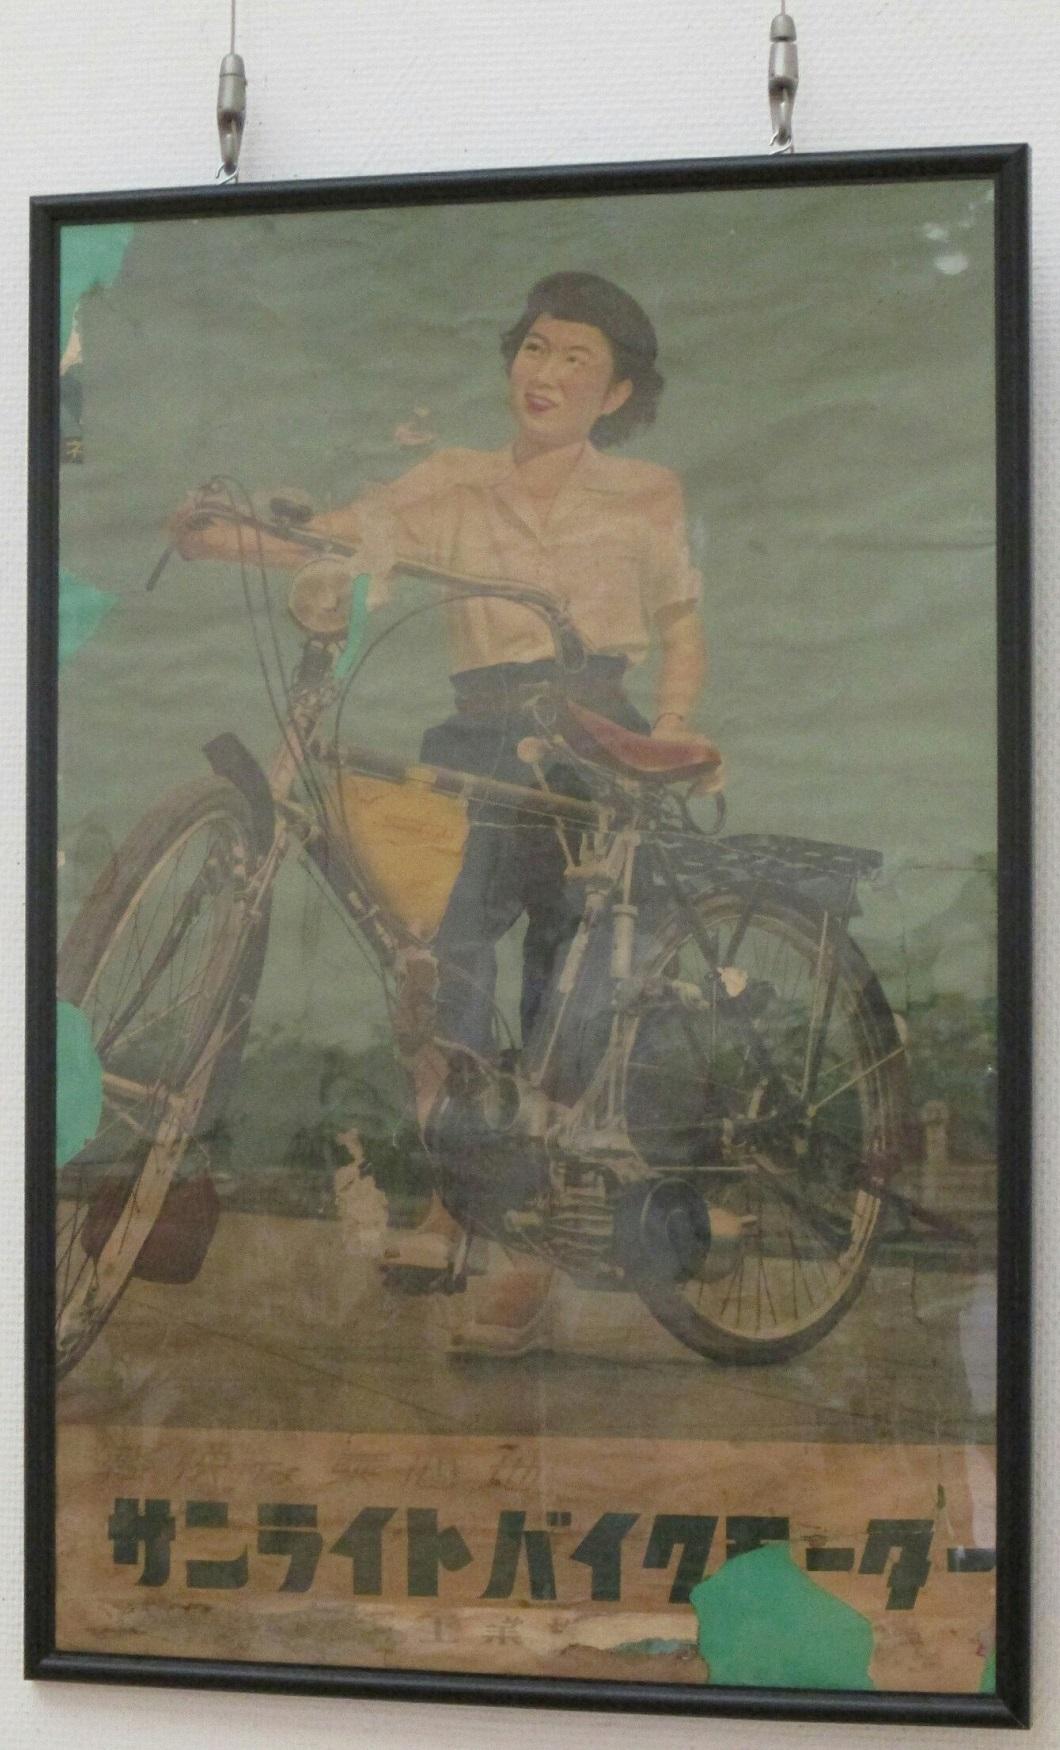 2019.4.27 (10) モーターバイク展 - サンライトバイクモーターのポスター 1060-1750